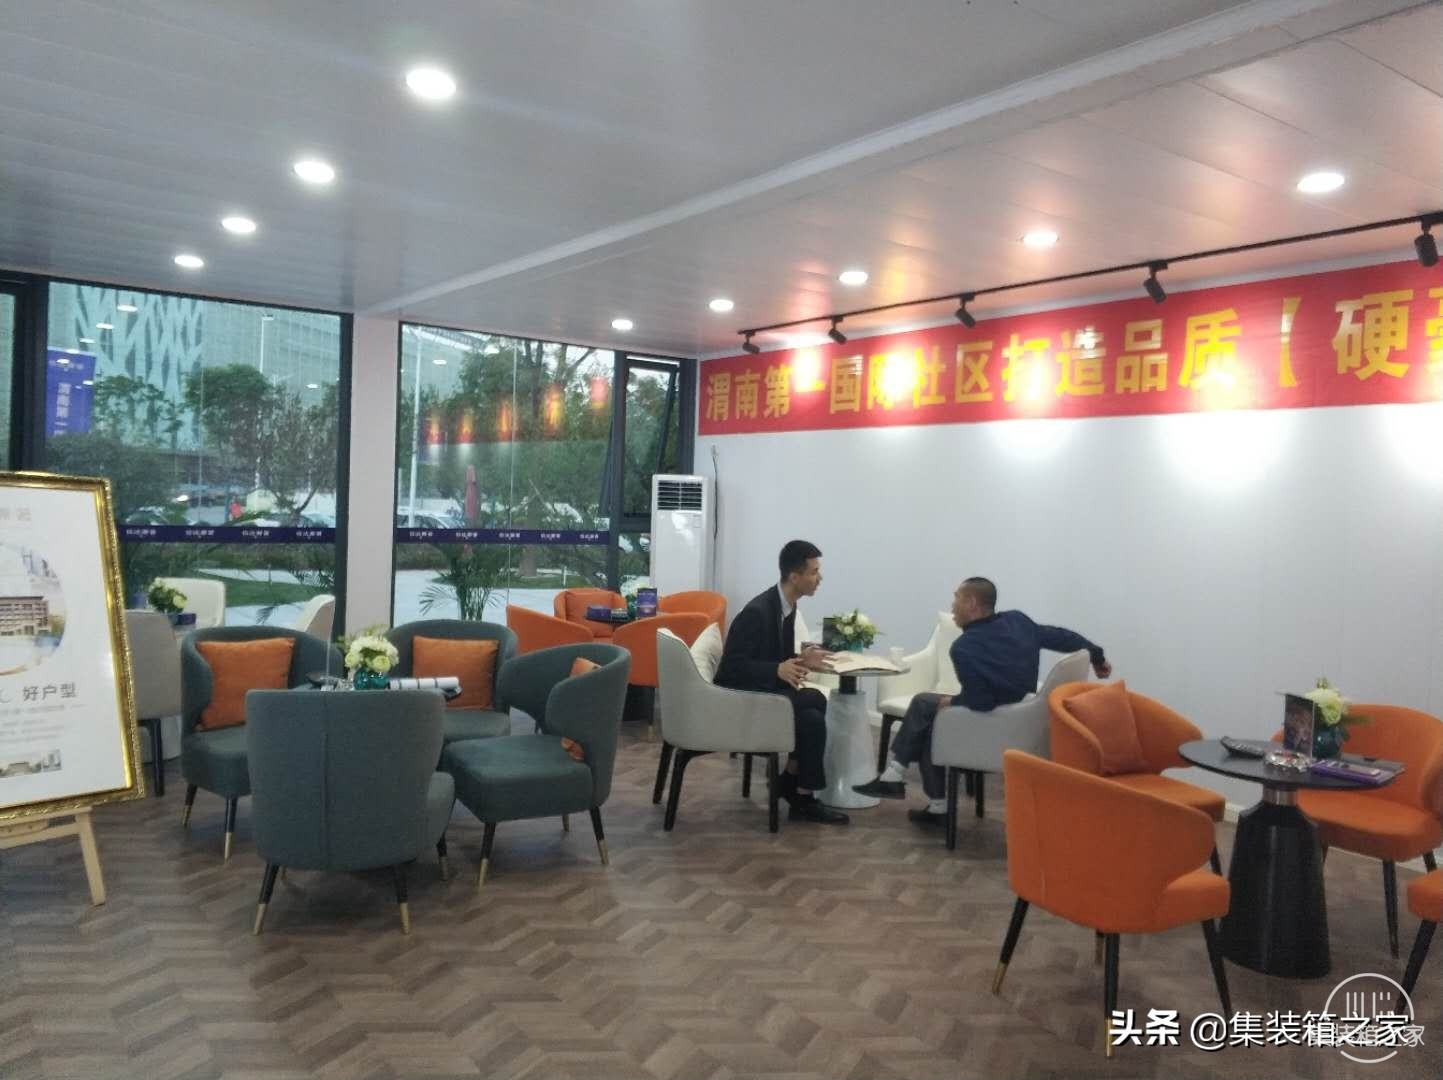 陕西渭南信达源著集装箱售楼部竣工照片-7.jpg